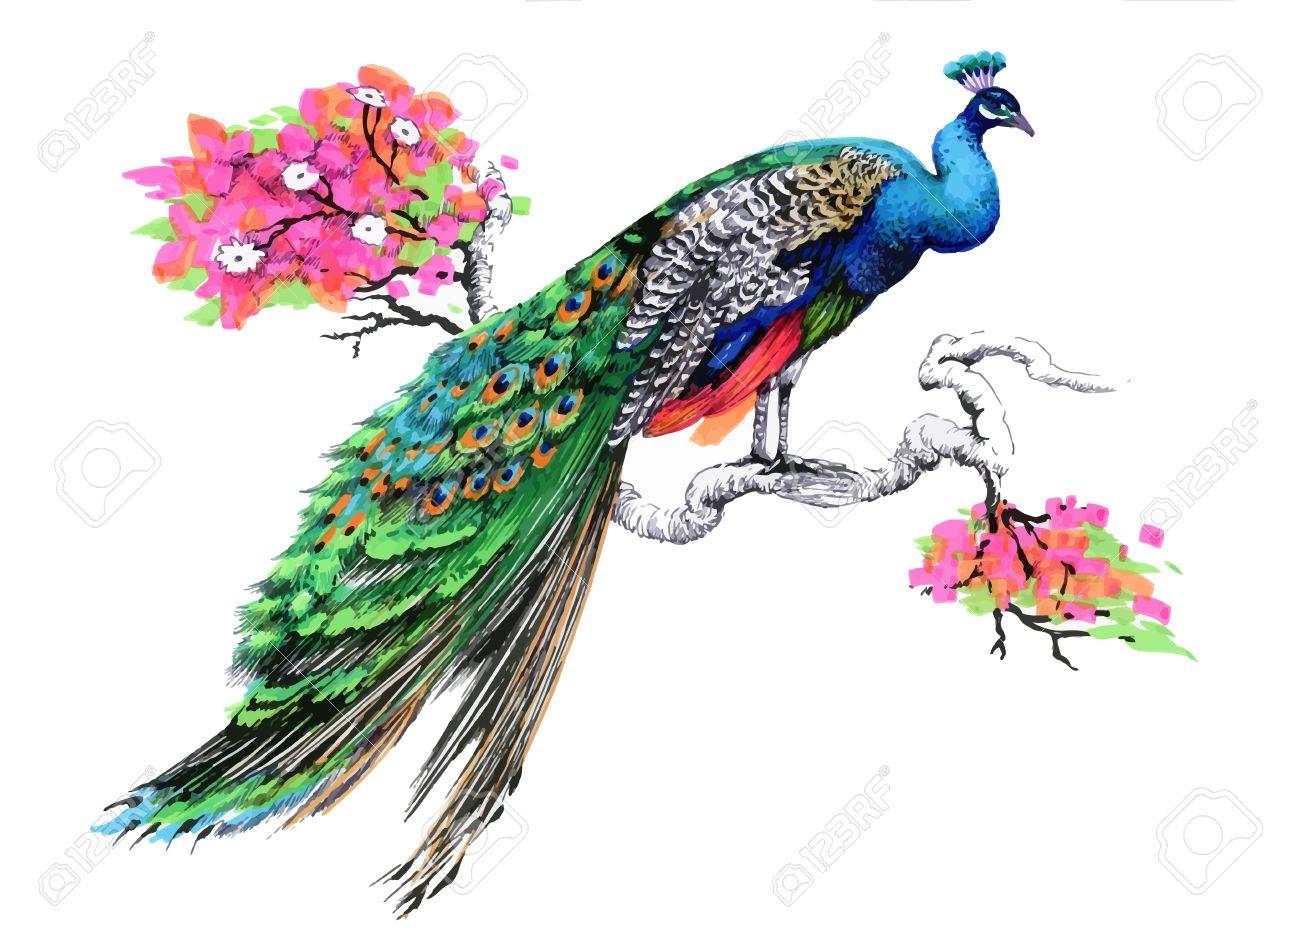 Acuarela Dibujo De Pavo Real En La Floración Rama De Un árbol En El